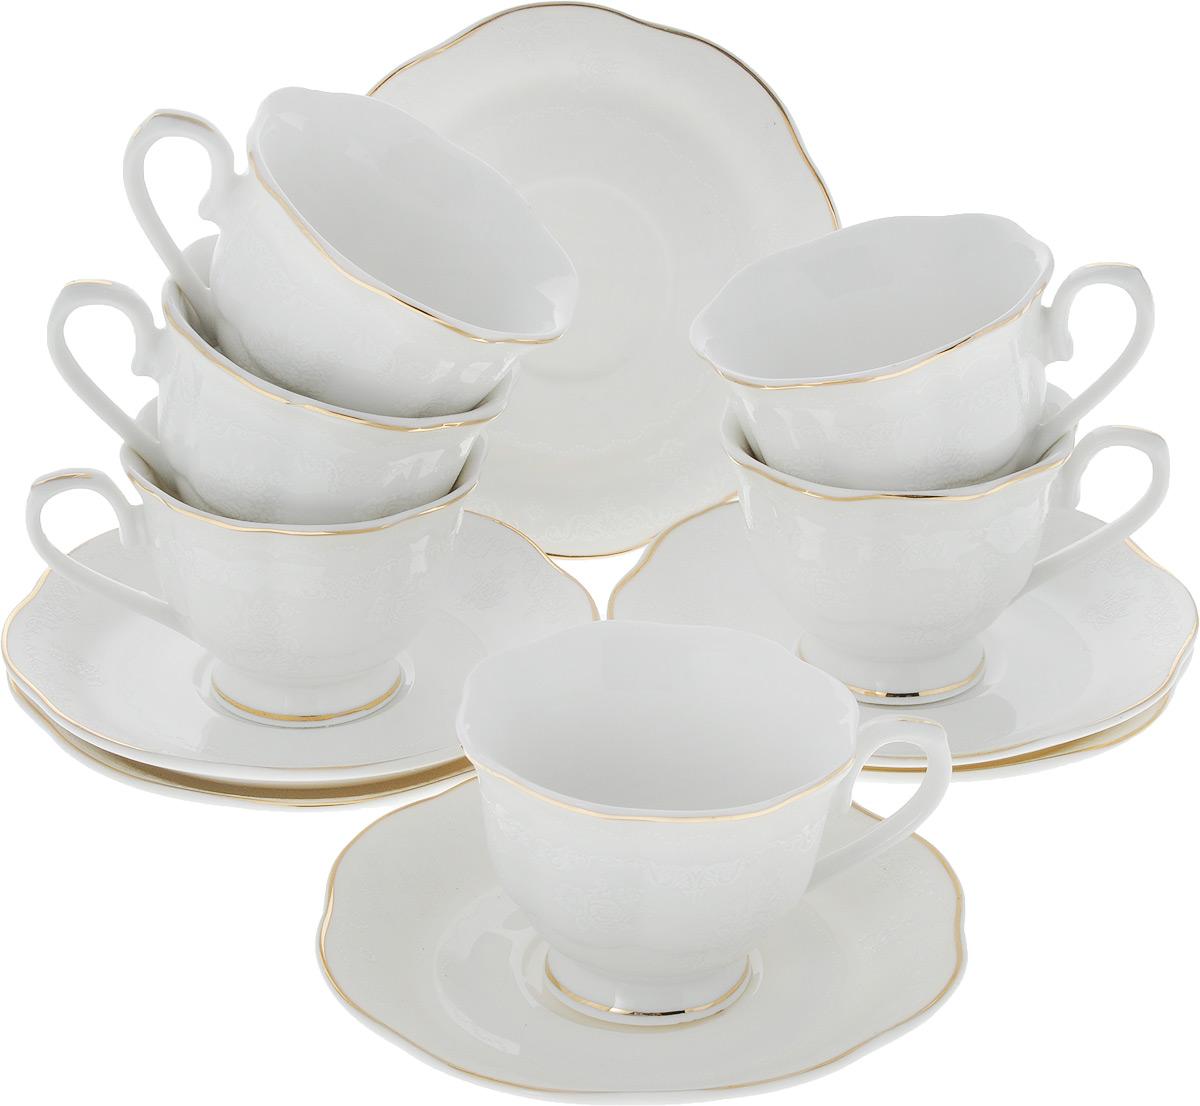 Сервиз кофейный Loraine, 12 предметов. 2644626446Кофейный сервиз Loraine на 6 персон выполнен из высококачественного костяного фарфора - материала, безопасного для здоровья и надолго сохраняющего тепло напитка. В наборе 6 чашек и 6 блюдец. Несмотря на свою внешнюю хрупкость, каждый из предметов набора обладает высокой прочностью и надежностью. Изделия украшены тонкой золотой каймой, внешние стенки дополнены рельефным цветочным орнаментом. Элегантный классический дизайн сделает этот набор изысканным украшением любого стола. Набор упакован в подарочную коробку, поэтому его можно преподнести в качестве оригинального и практичного подарка для родных и близких. Объем чашки: 80 мл. Диаметр чашки (по верхнему краю): 7 см. Высота чашки: 5,5 см. Диаметр блюдца: 11,5 см.